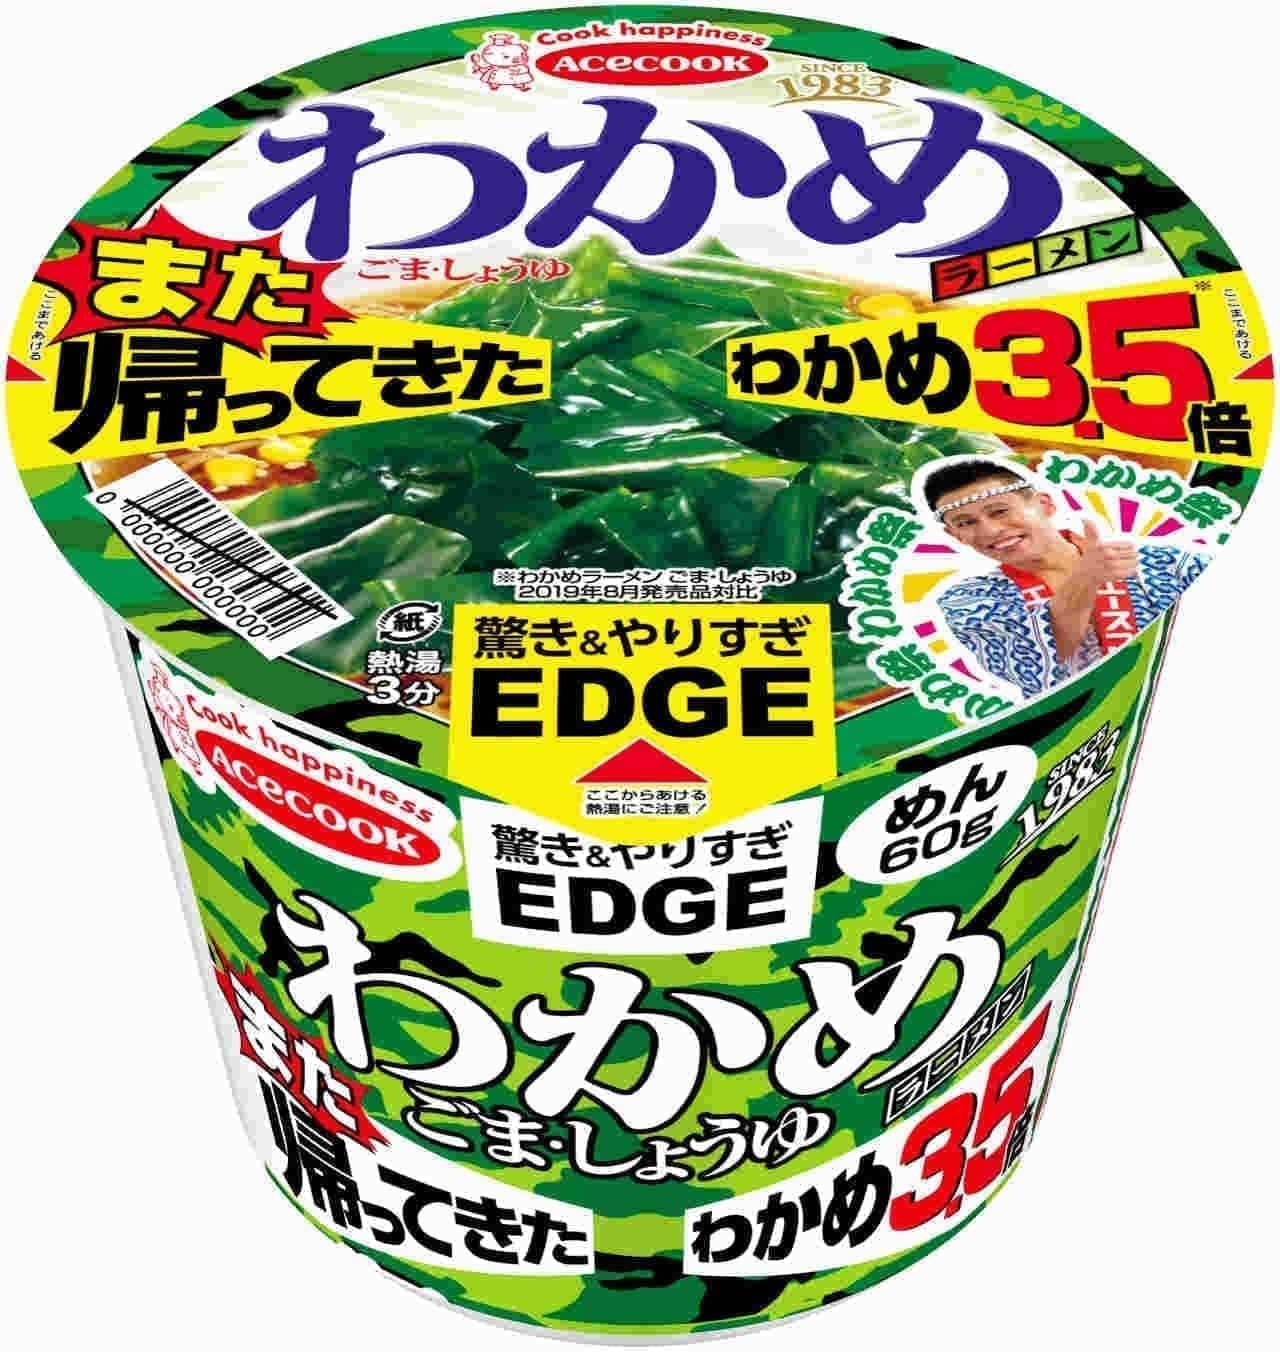 エースコック「EDGE×わかめラーメン ごま・しょうゆ また帰ってきたわかめ3.5倍」